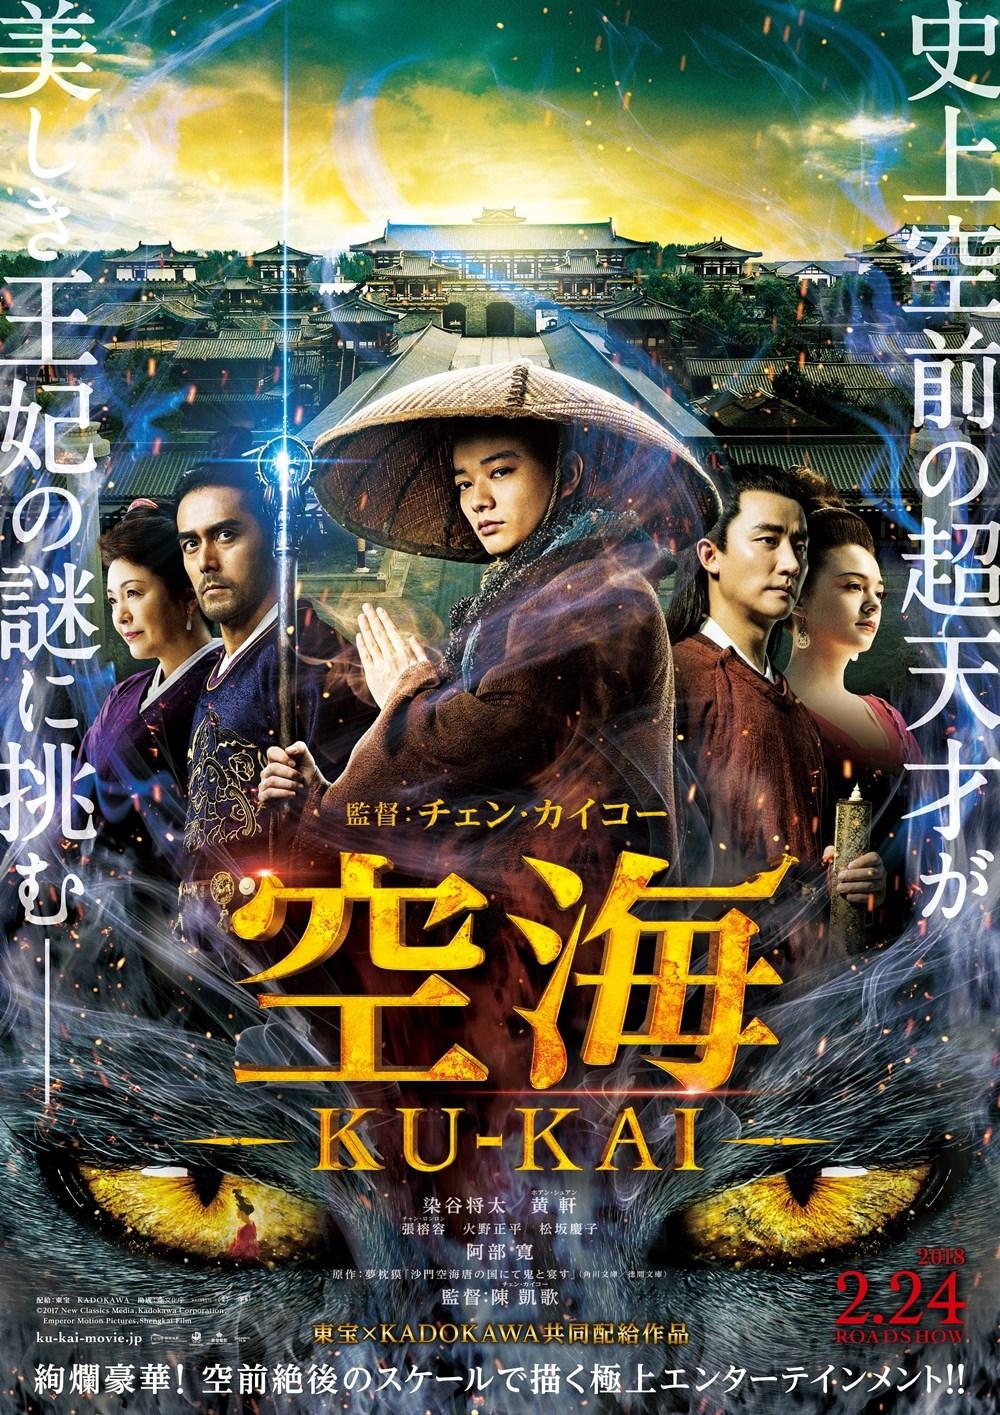 【画像】映画『空海-KU-KAI-』ポスタービジュアル